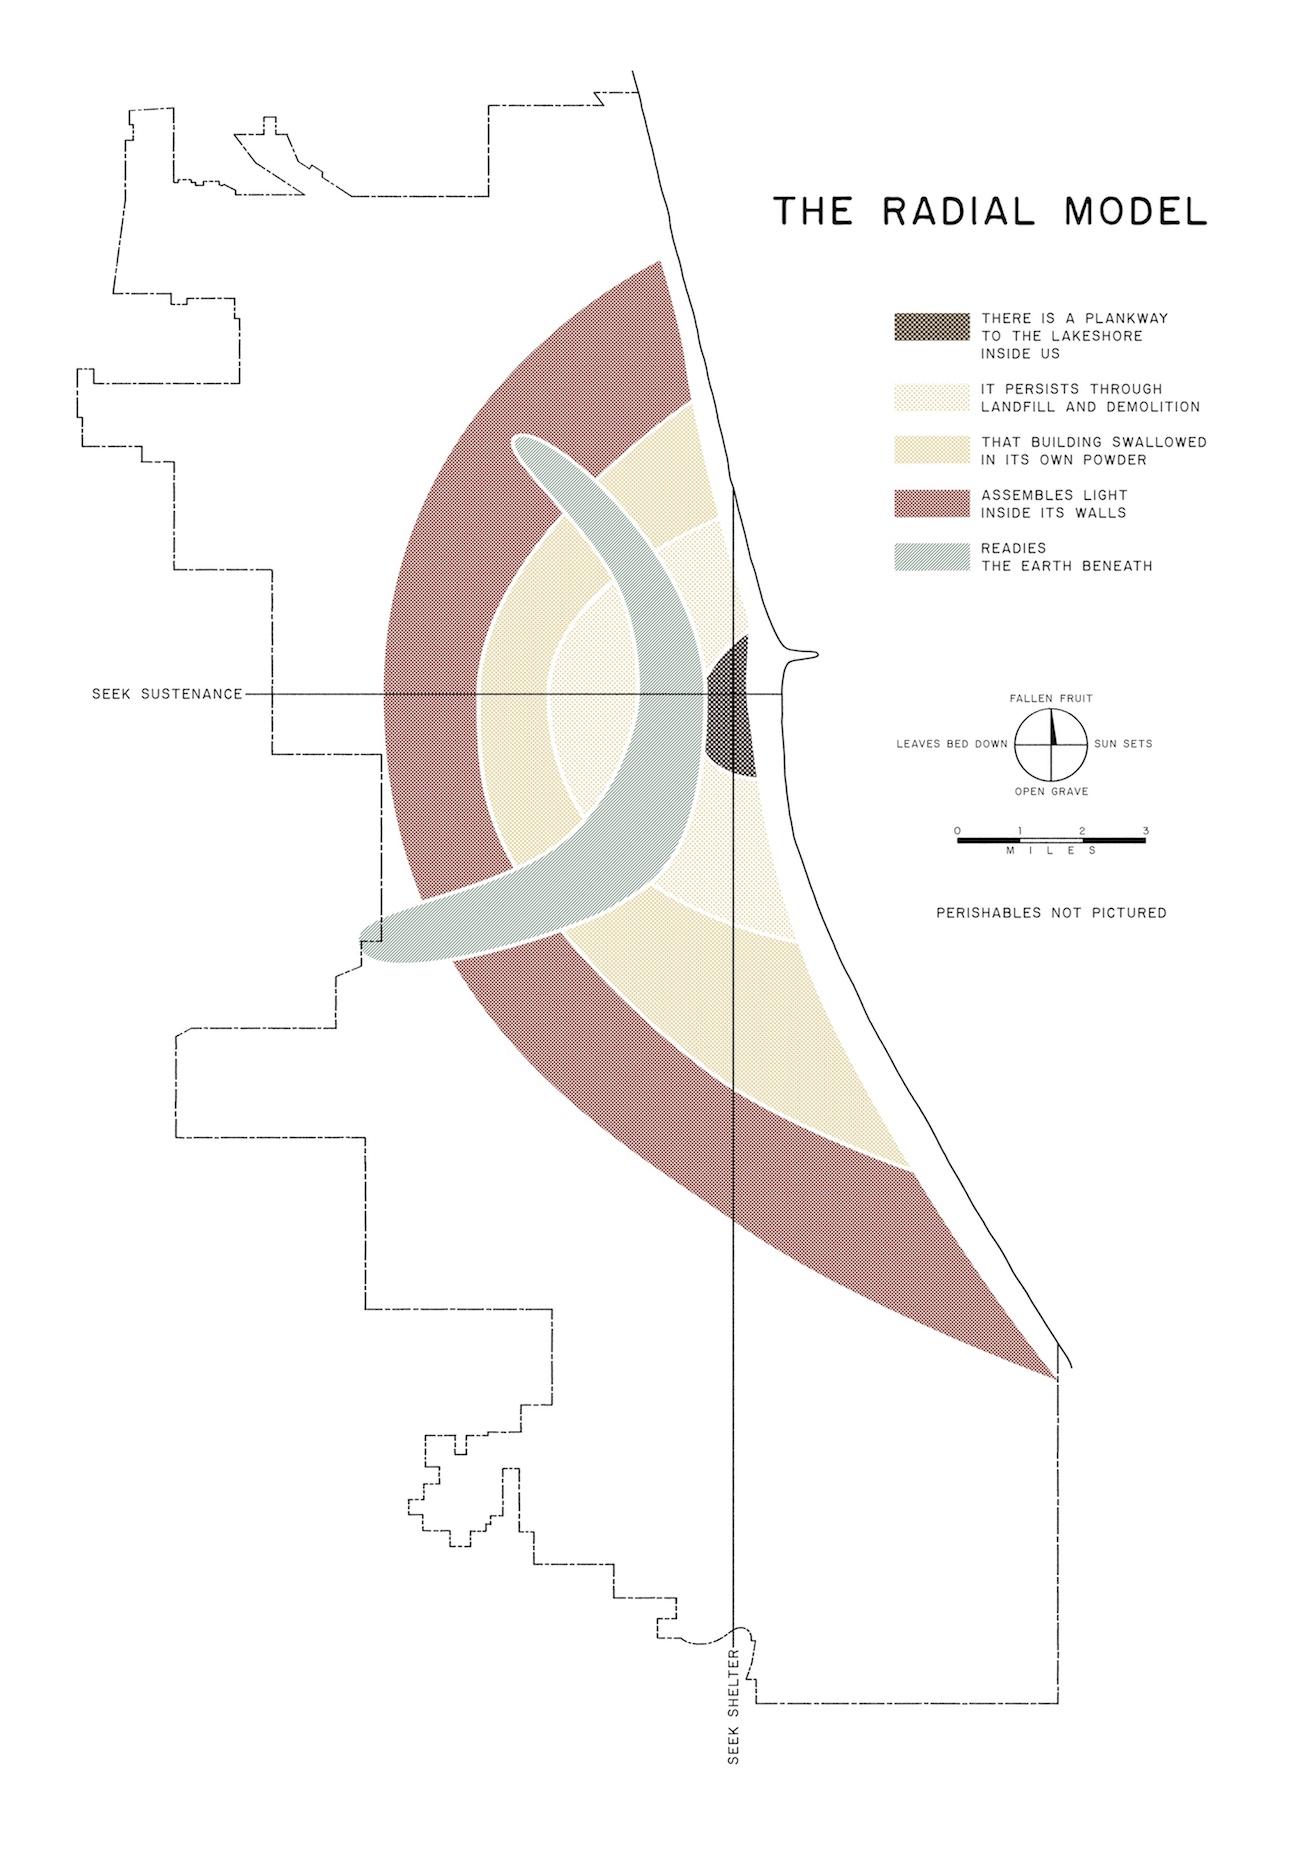 The Radial Model